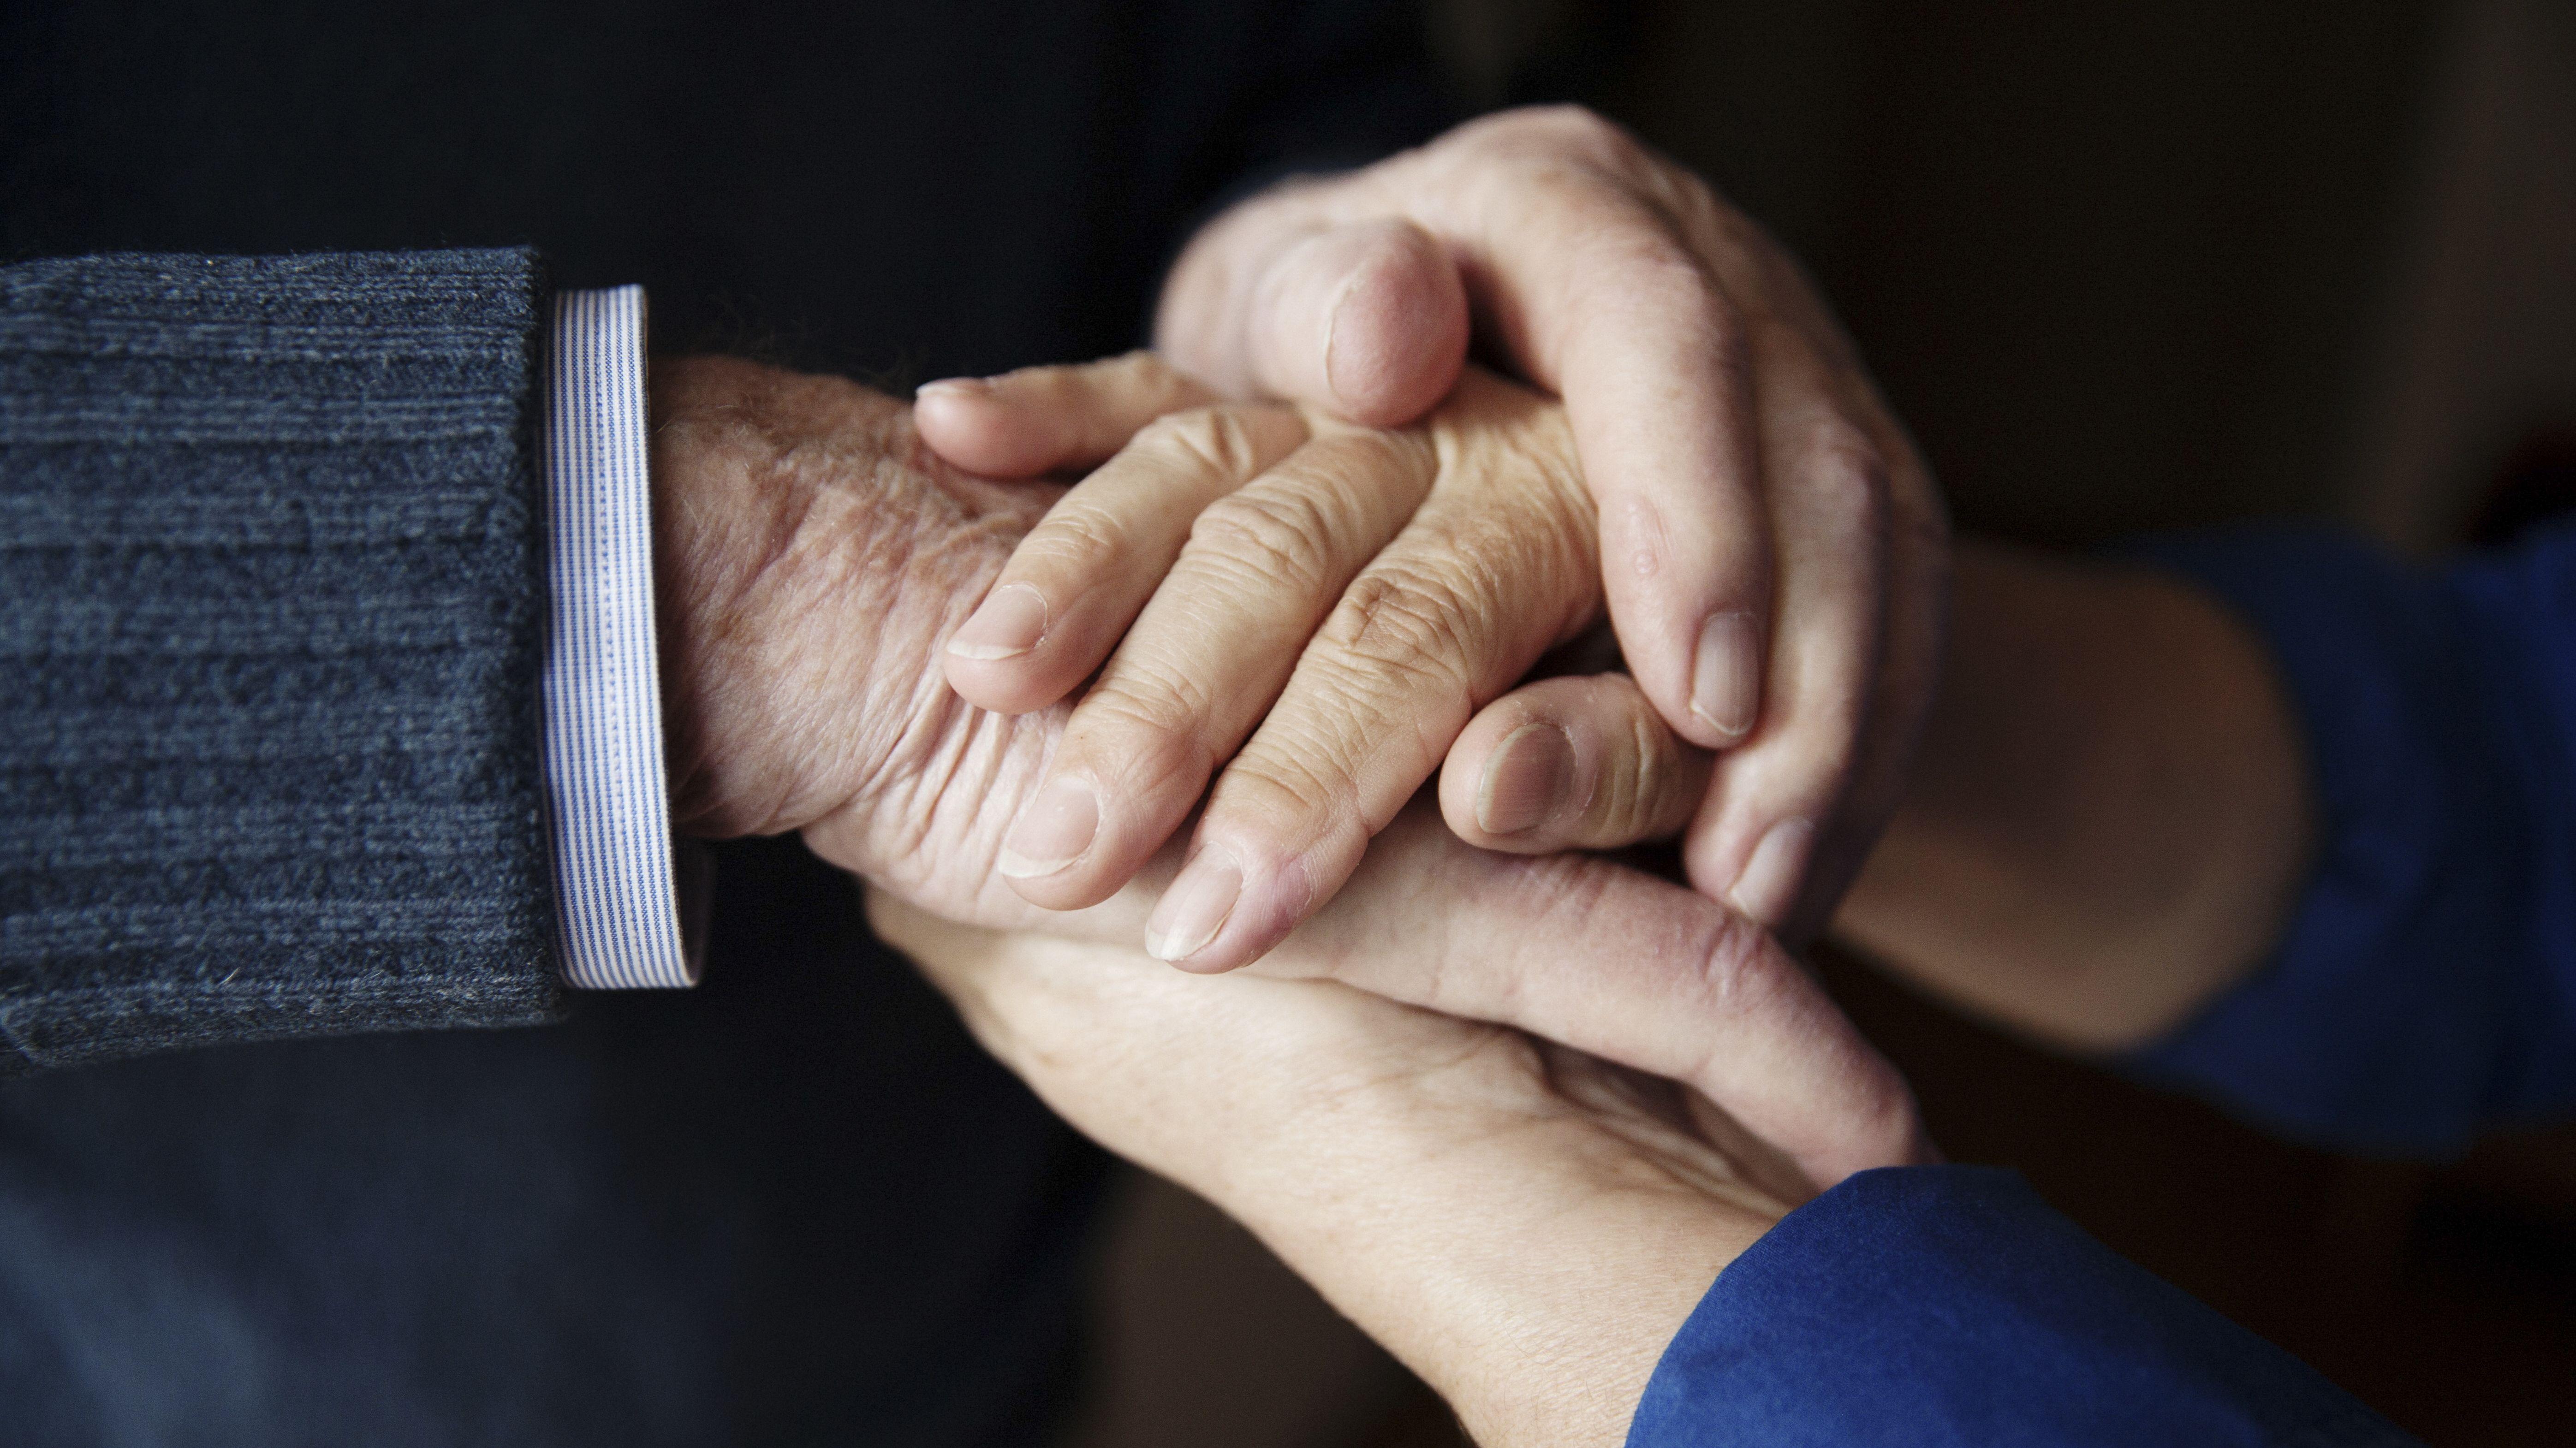 In Bayerns Pflegeheimen herrschen unhaltbare Zustände